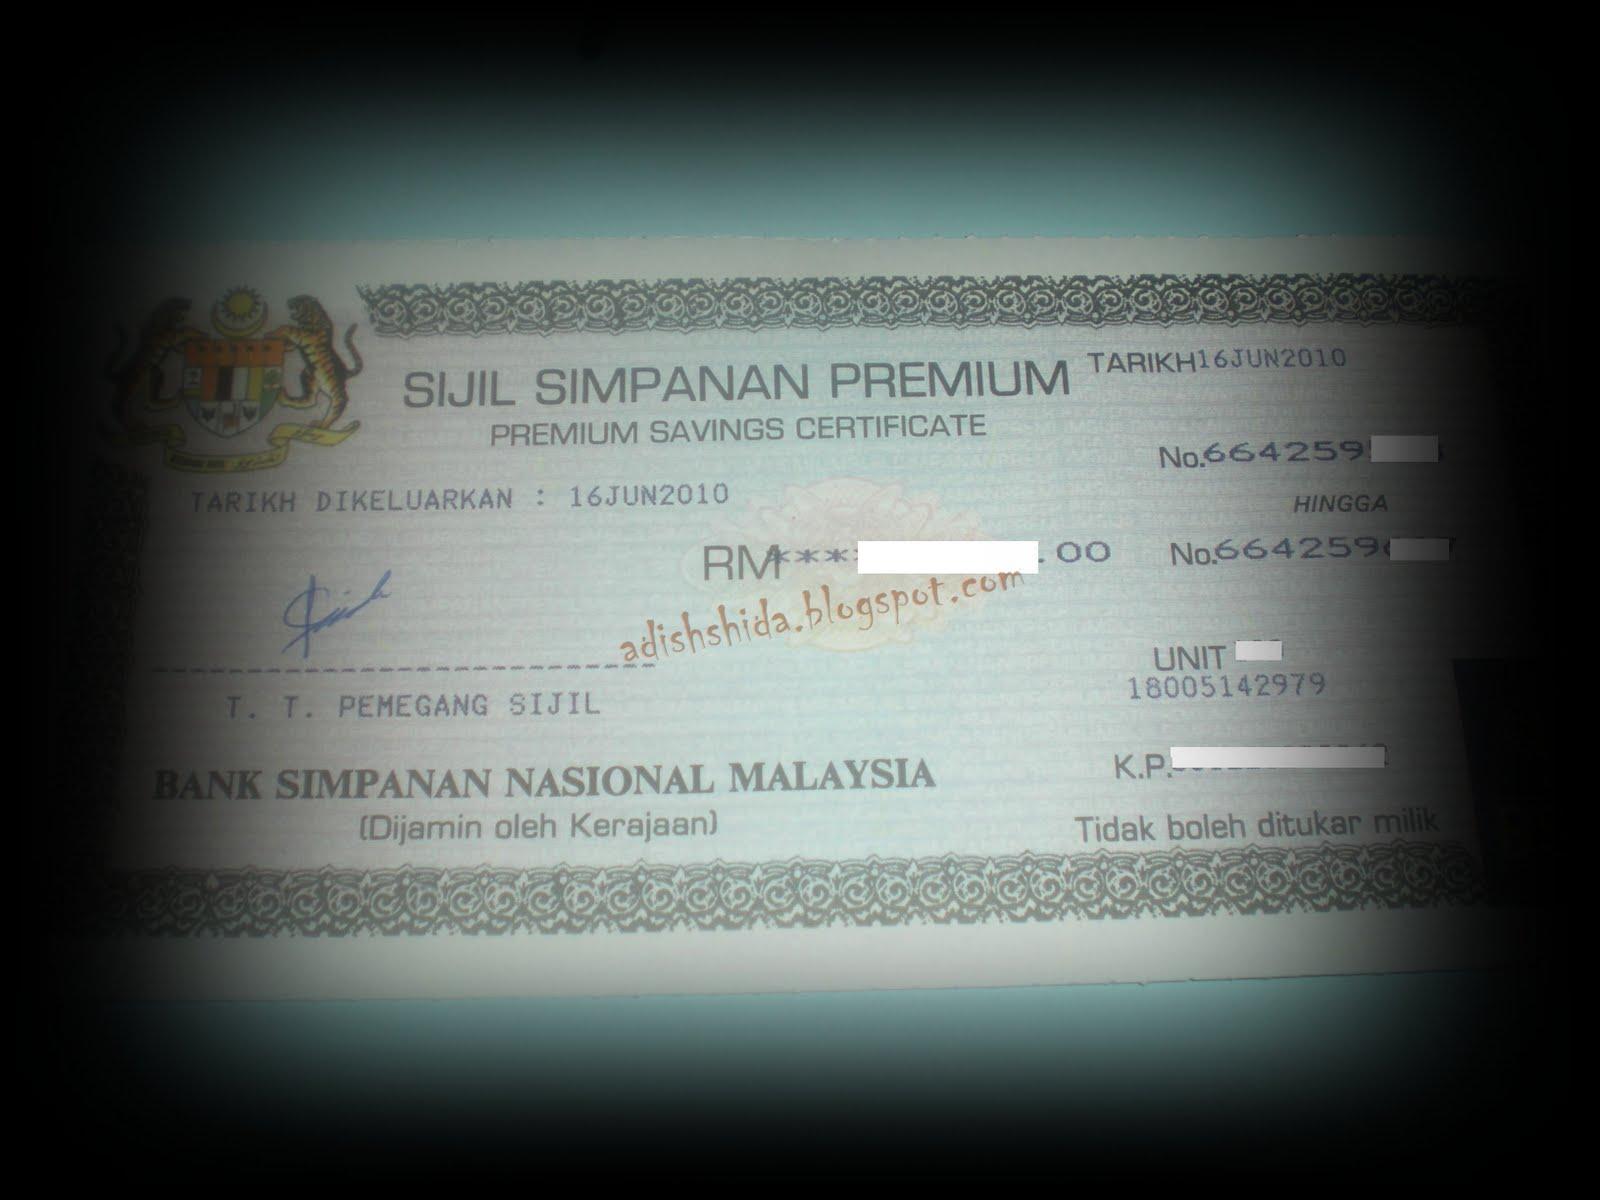 Its A Prizes Premium E Saya Check Premium Current Attractive